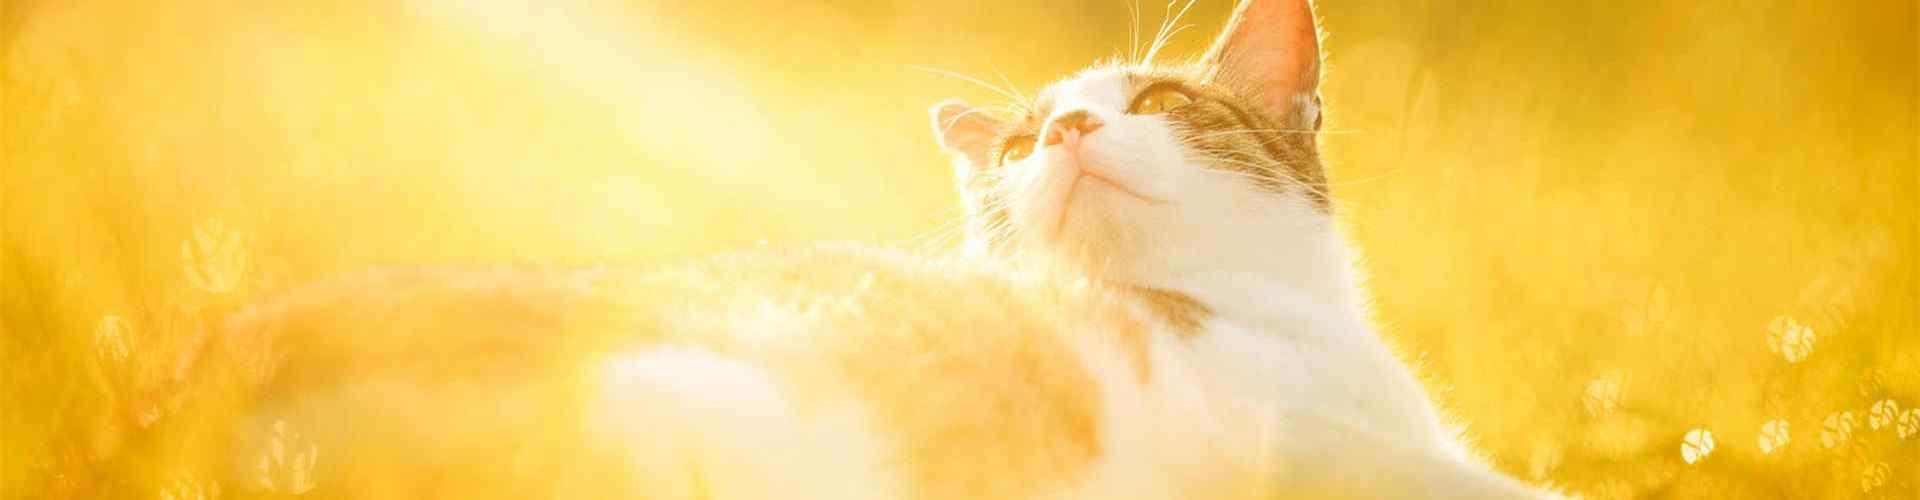 阳光图片_唯美阳光风景图片_阳光下的美女图片_太阳图片壁纸